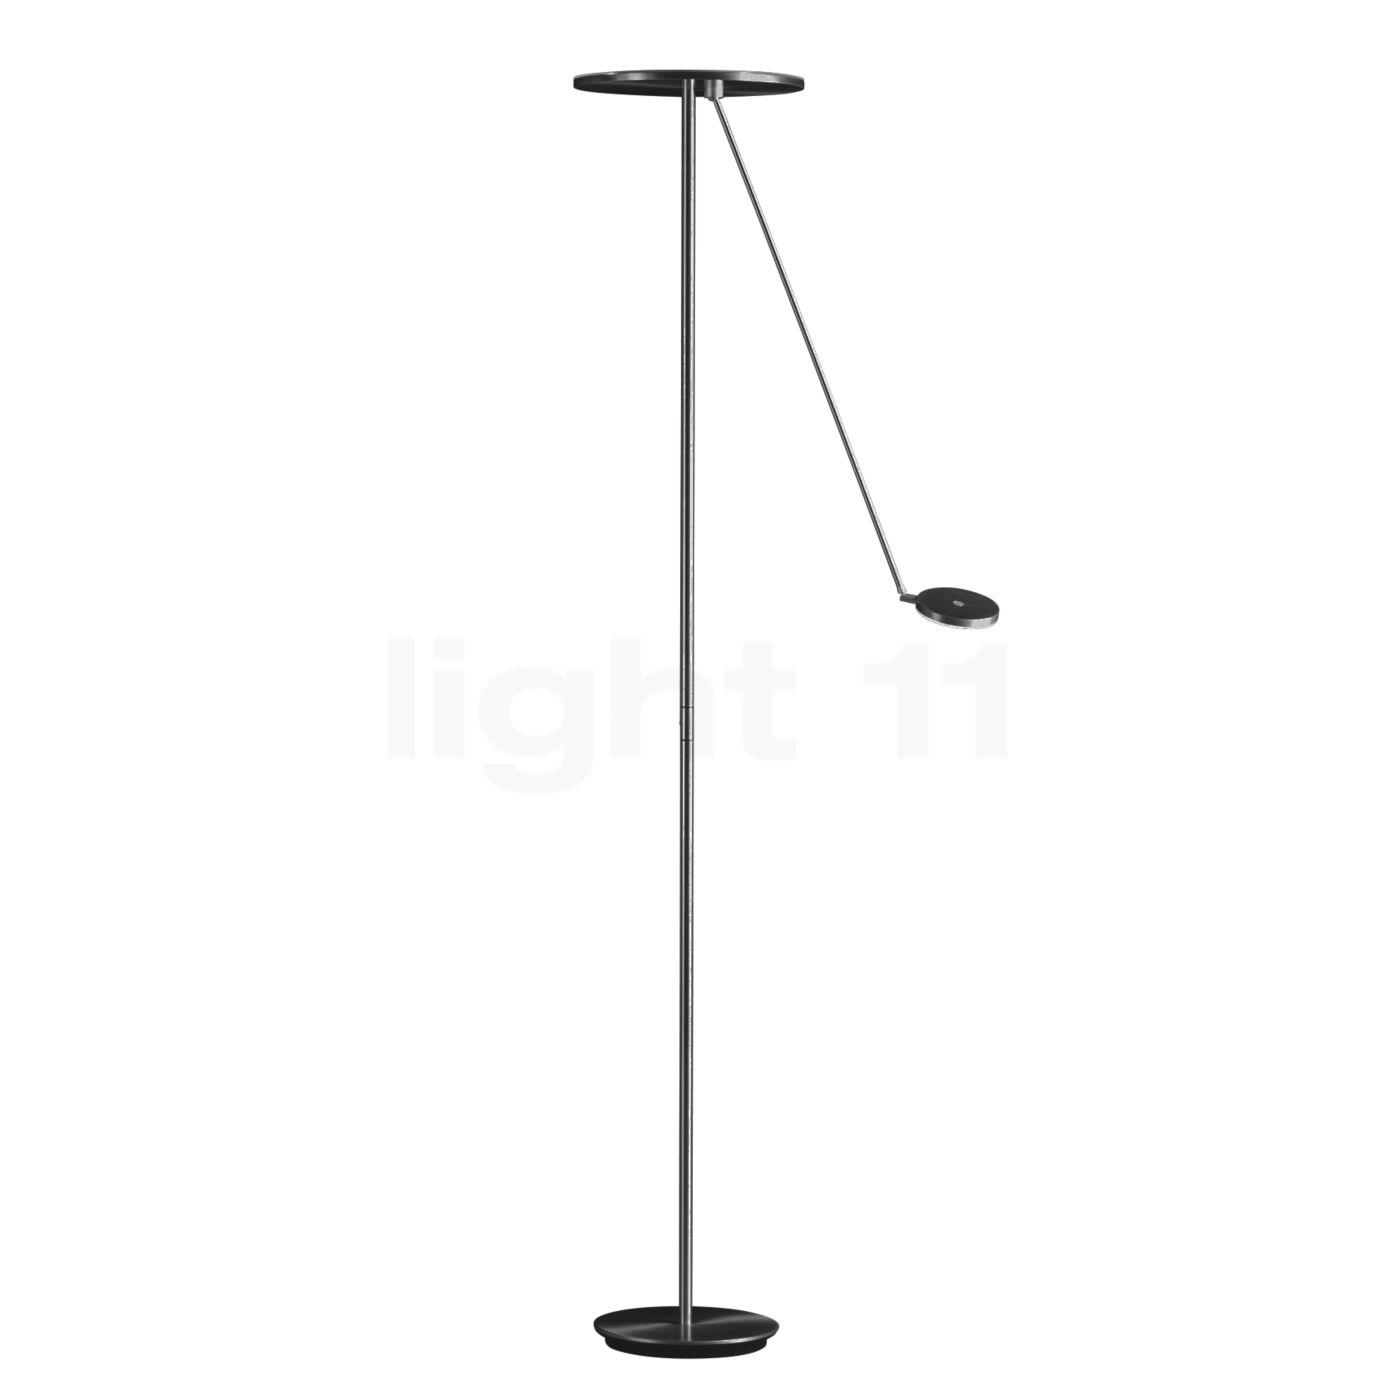 Holtkötter Plano L Deckenfluter LED, rauch matt 9905-5-53